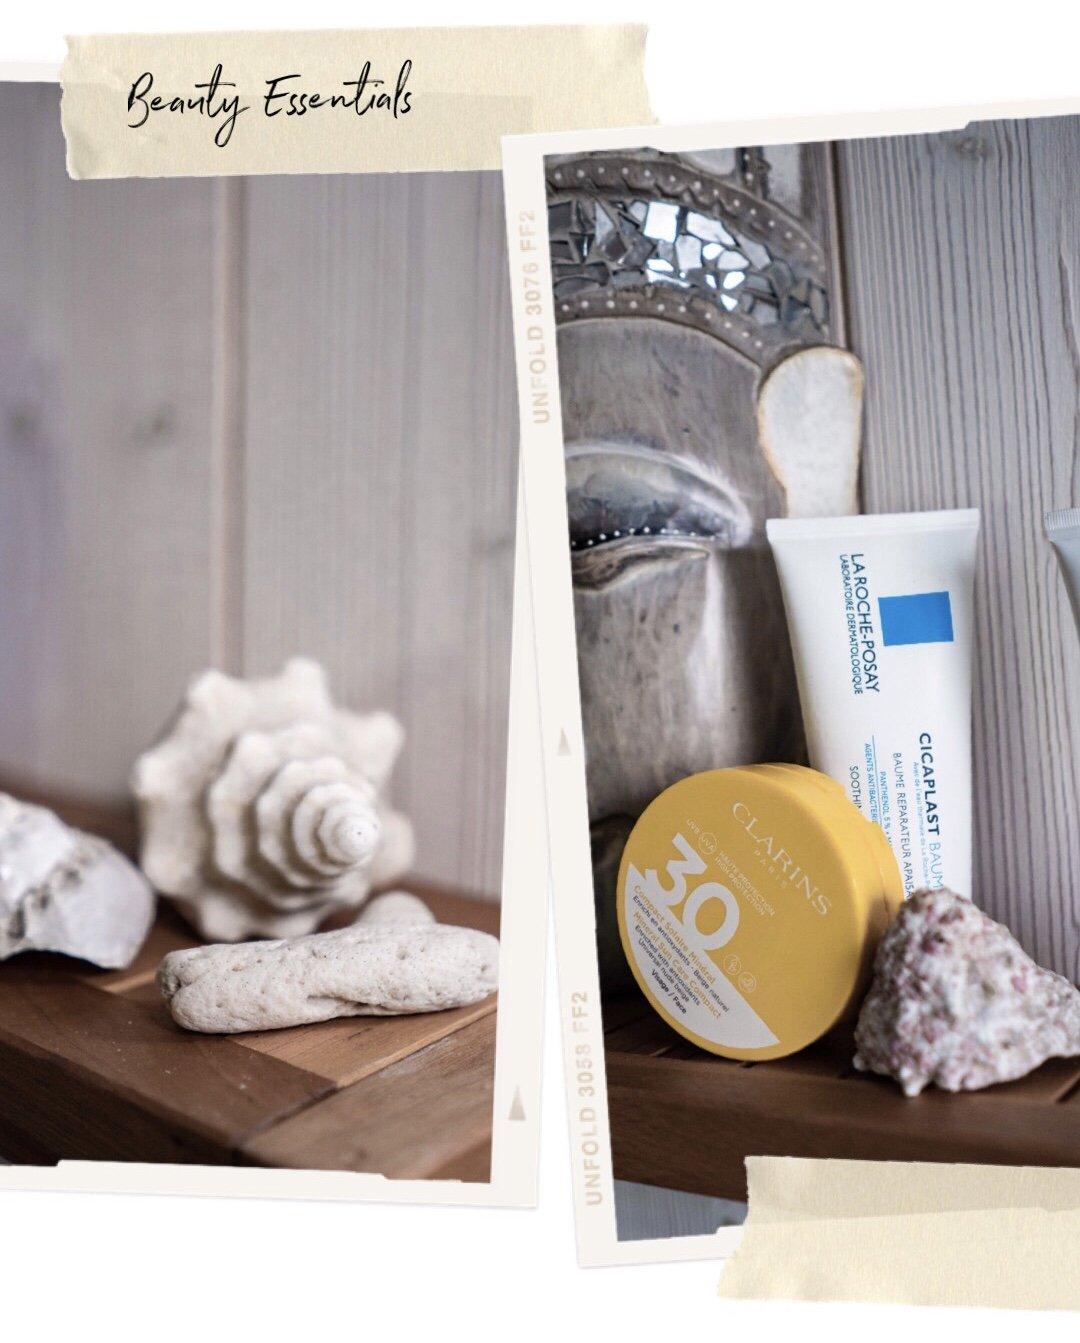 Clarins Mineral Sun Care Compact, Beauty Essentials im Urlaub, Nowshine Blog über 40